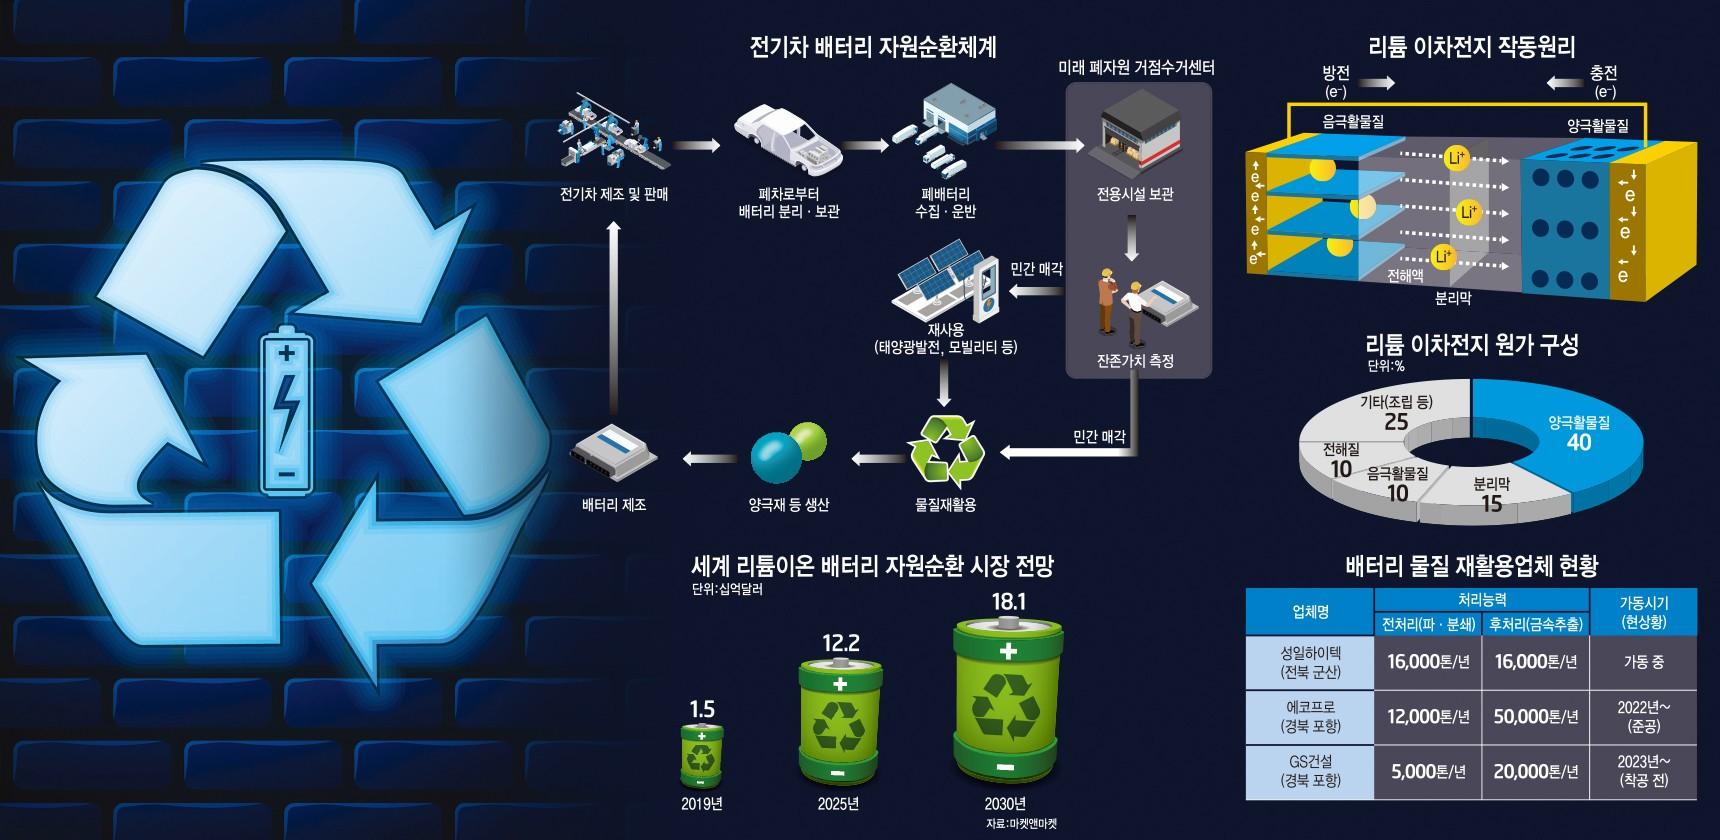 [이슈분석]2030년 21조원 시장 폐배터리 신산업으로 키운다